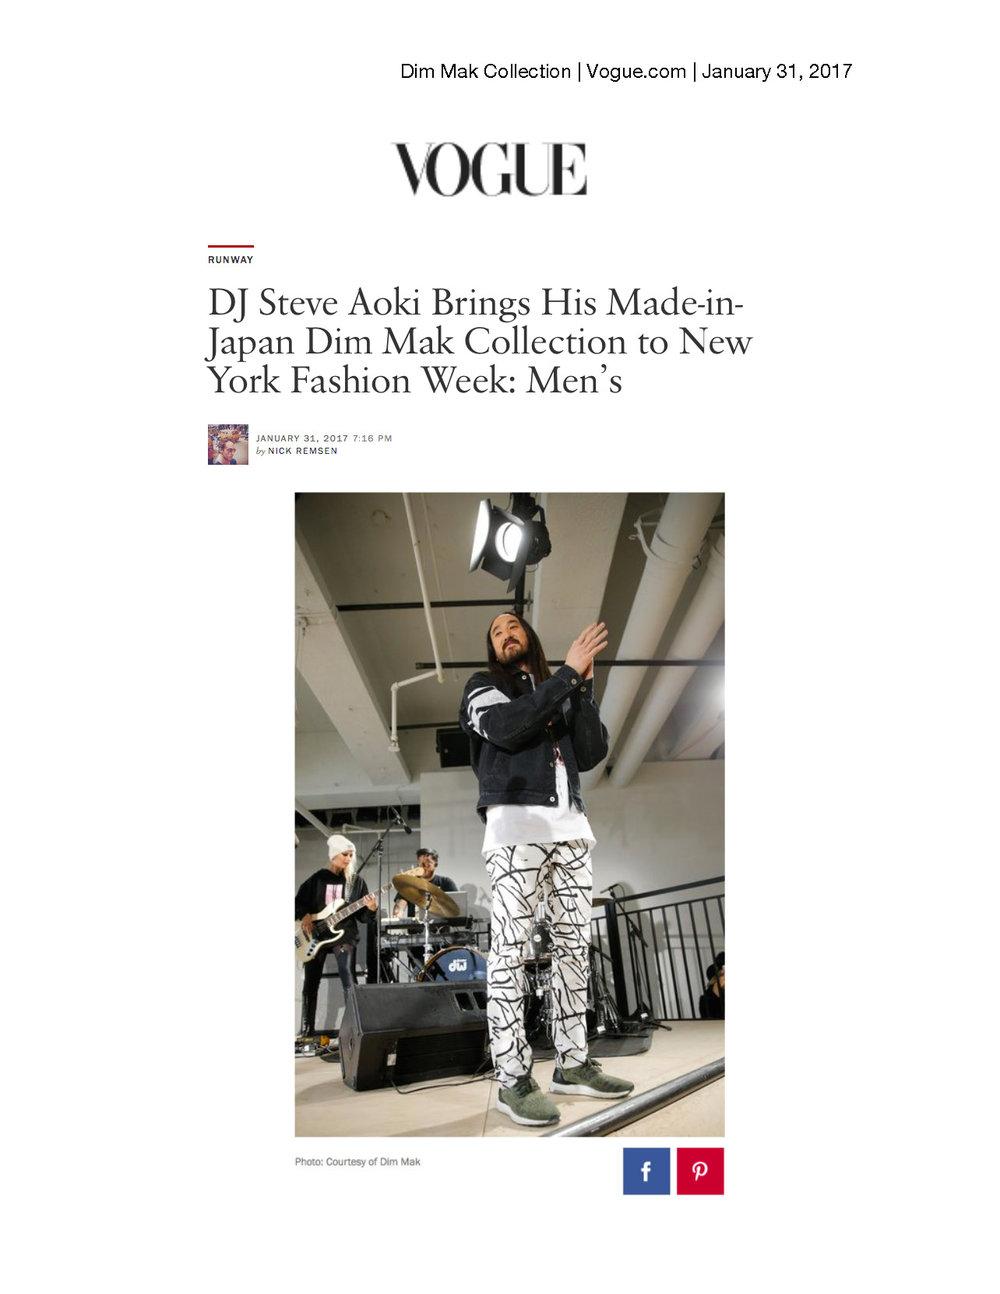 Vogue.com_DMC_1.31.17_Page_1.jpg